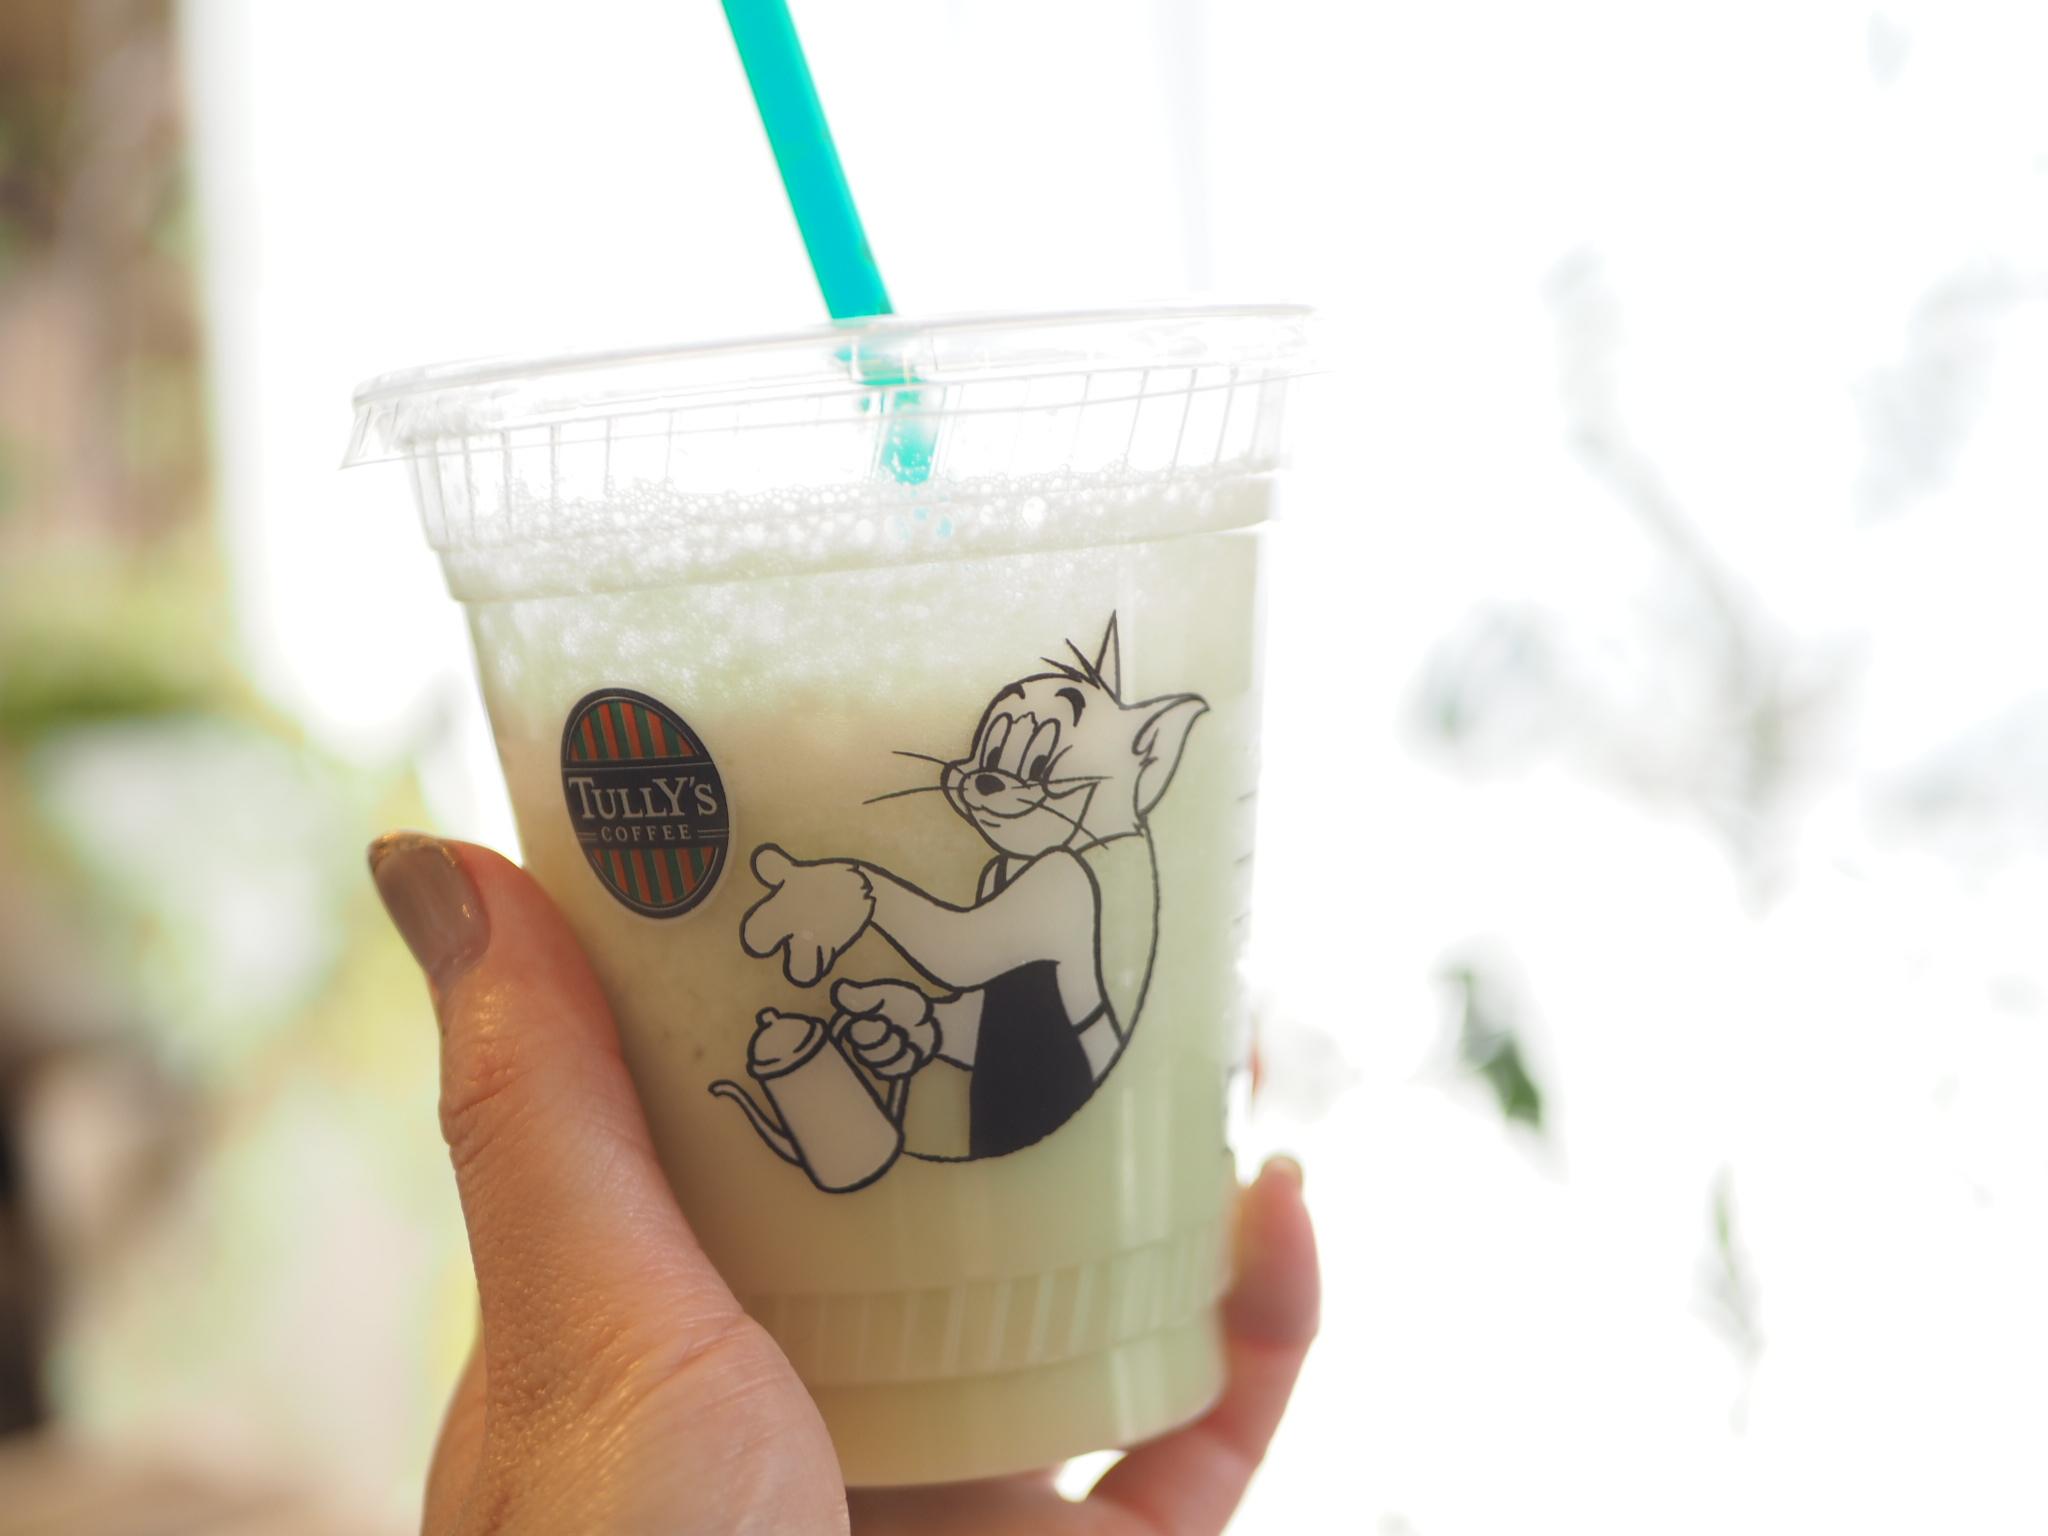 【TULLY'S COFFEE】タリーズ初のメロンドリンク!「メロンヨーグルトスワークル」を飲んでみました★_2